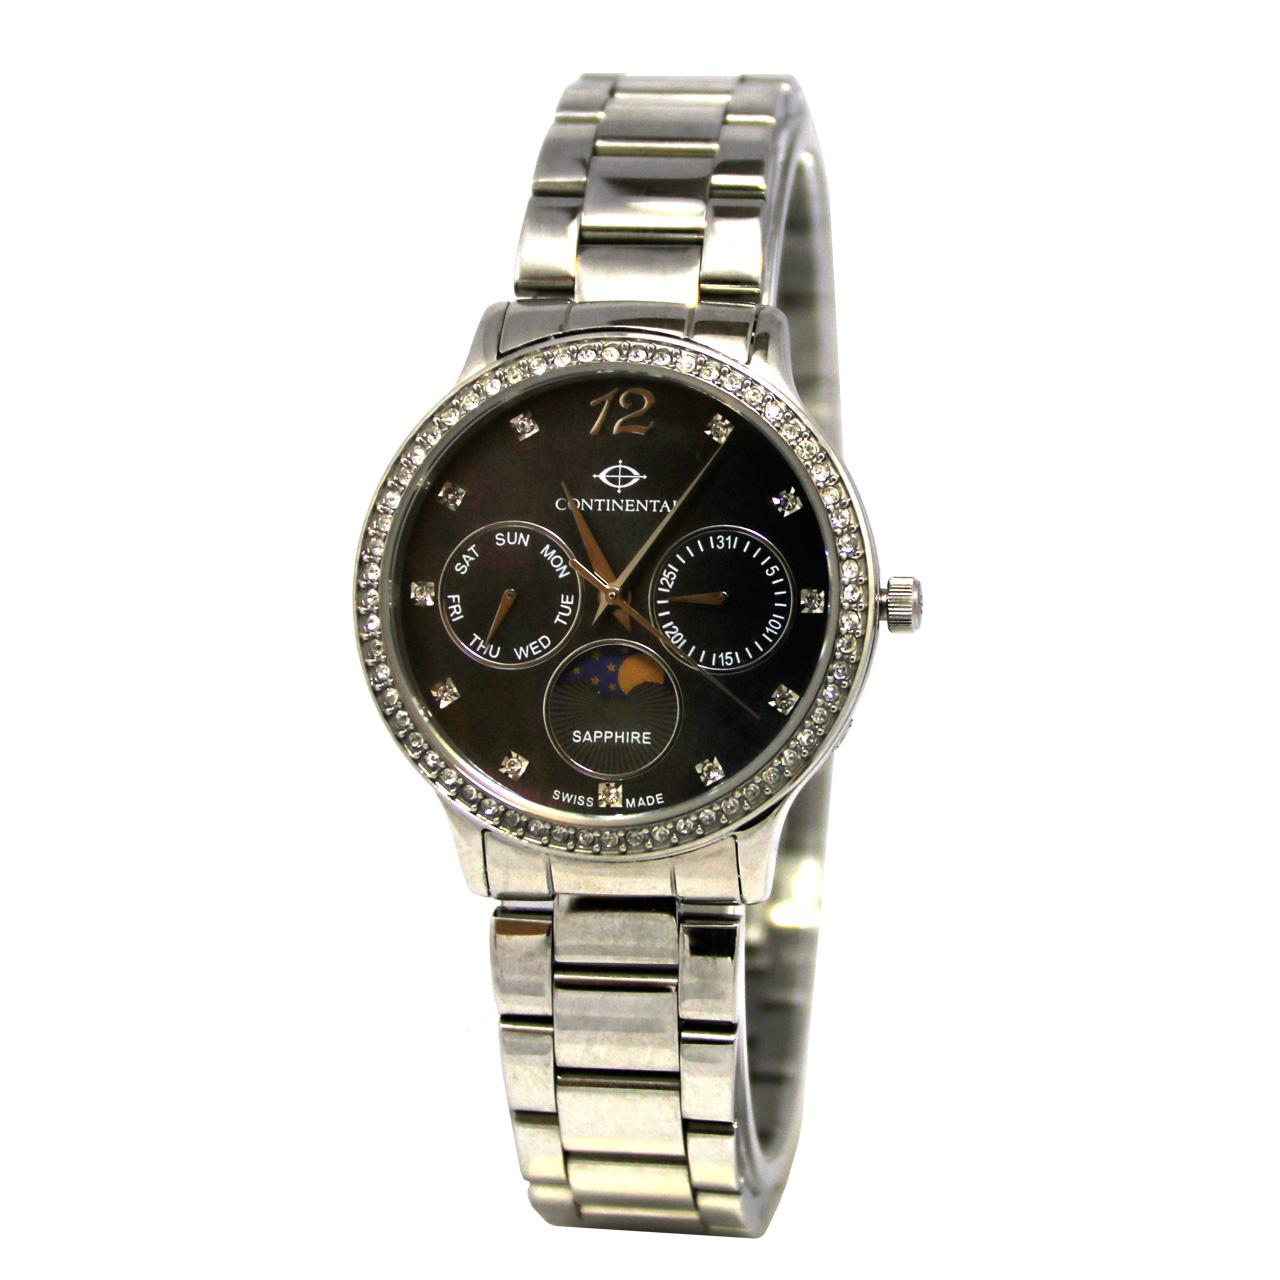 ساعت مچی عقربه ای زنانه کنتیننتال مدل 14602-204C 55